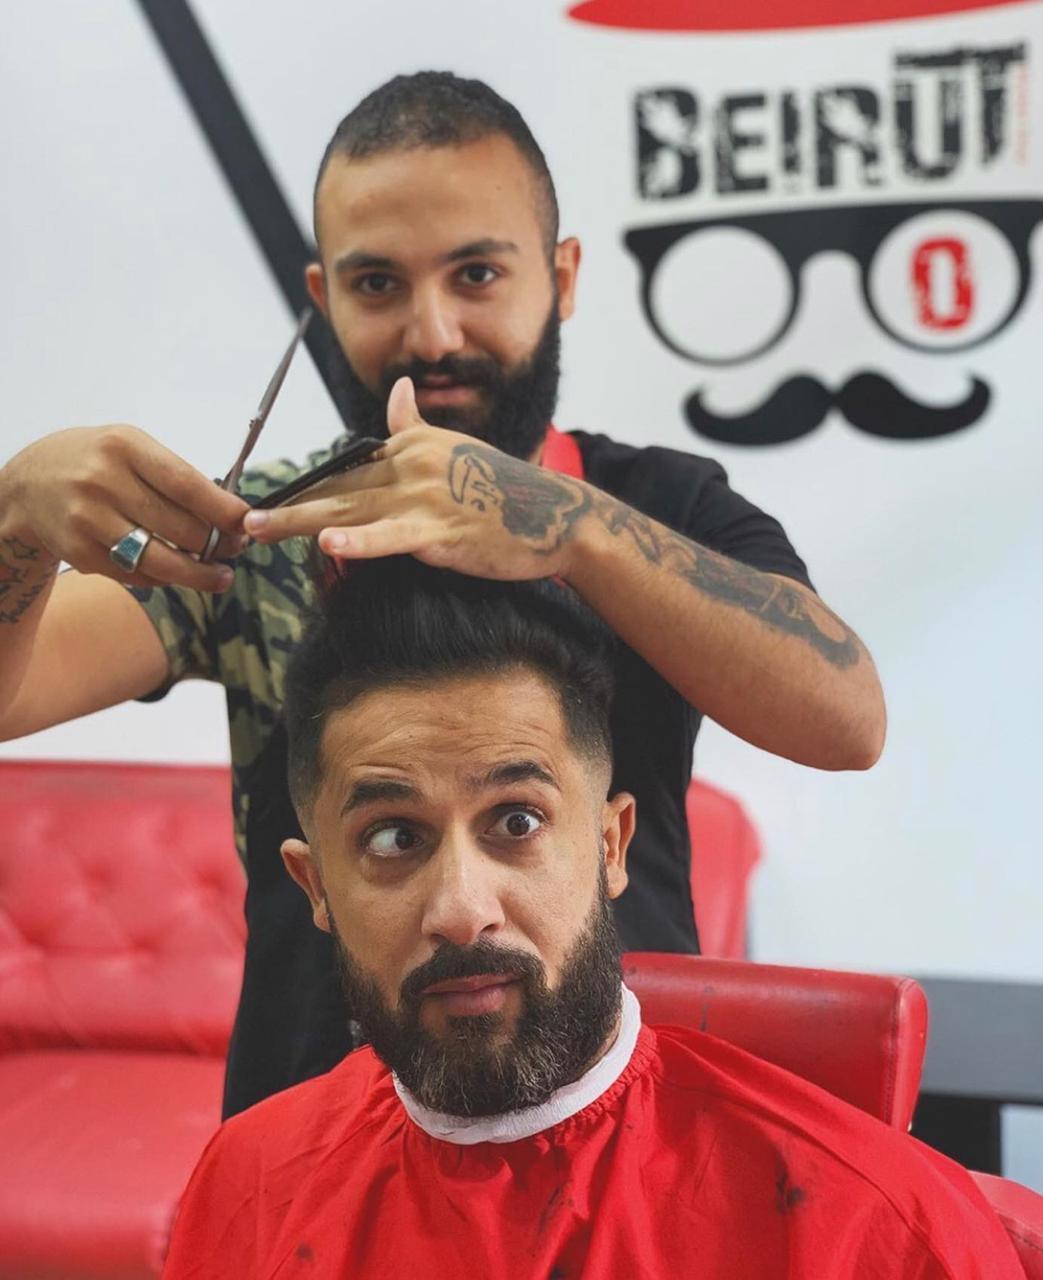 """من بين المبادرات...لائحة أسعار جديدة باللبناني من Beirut Oldies Barber Shop & Spa...""""ويلي مش قادر...قد ما بدو يدفع""""!"""